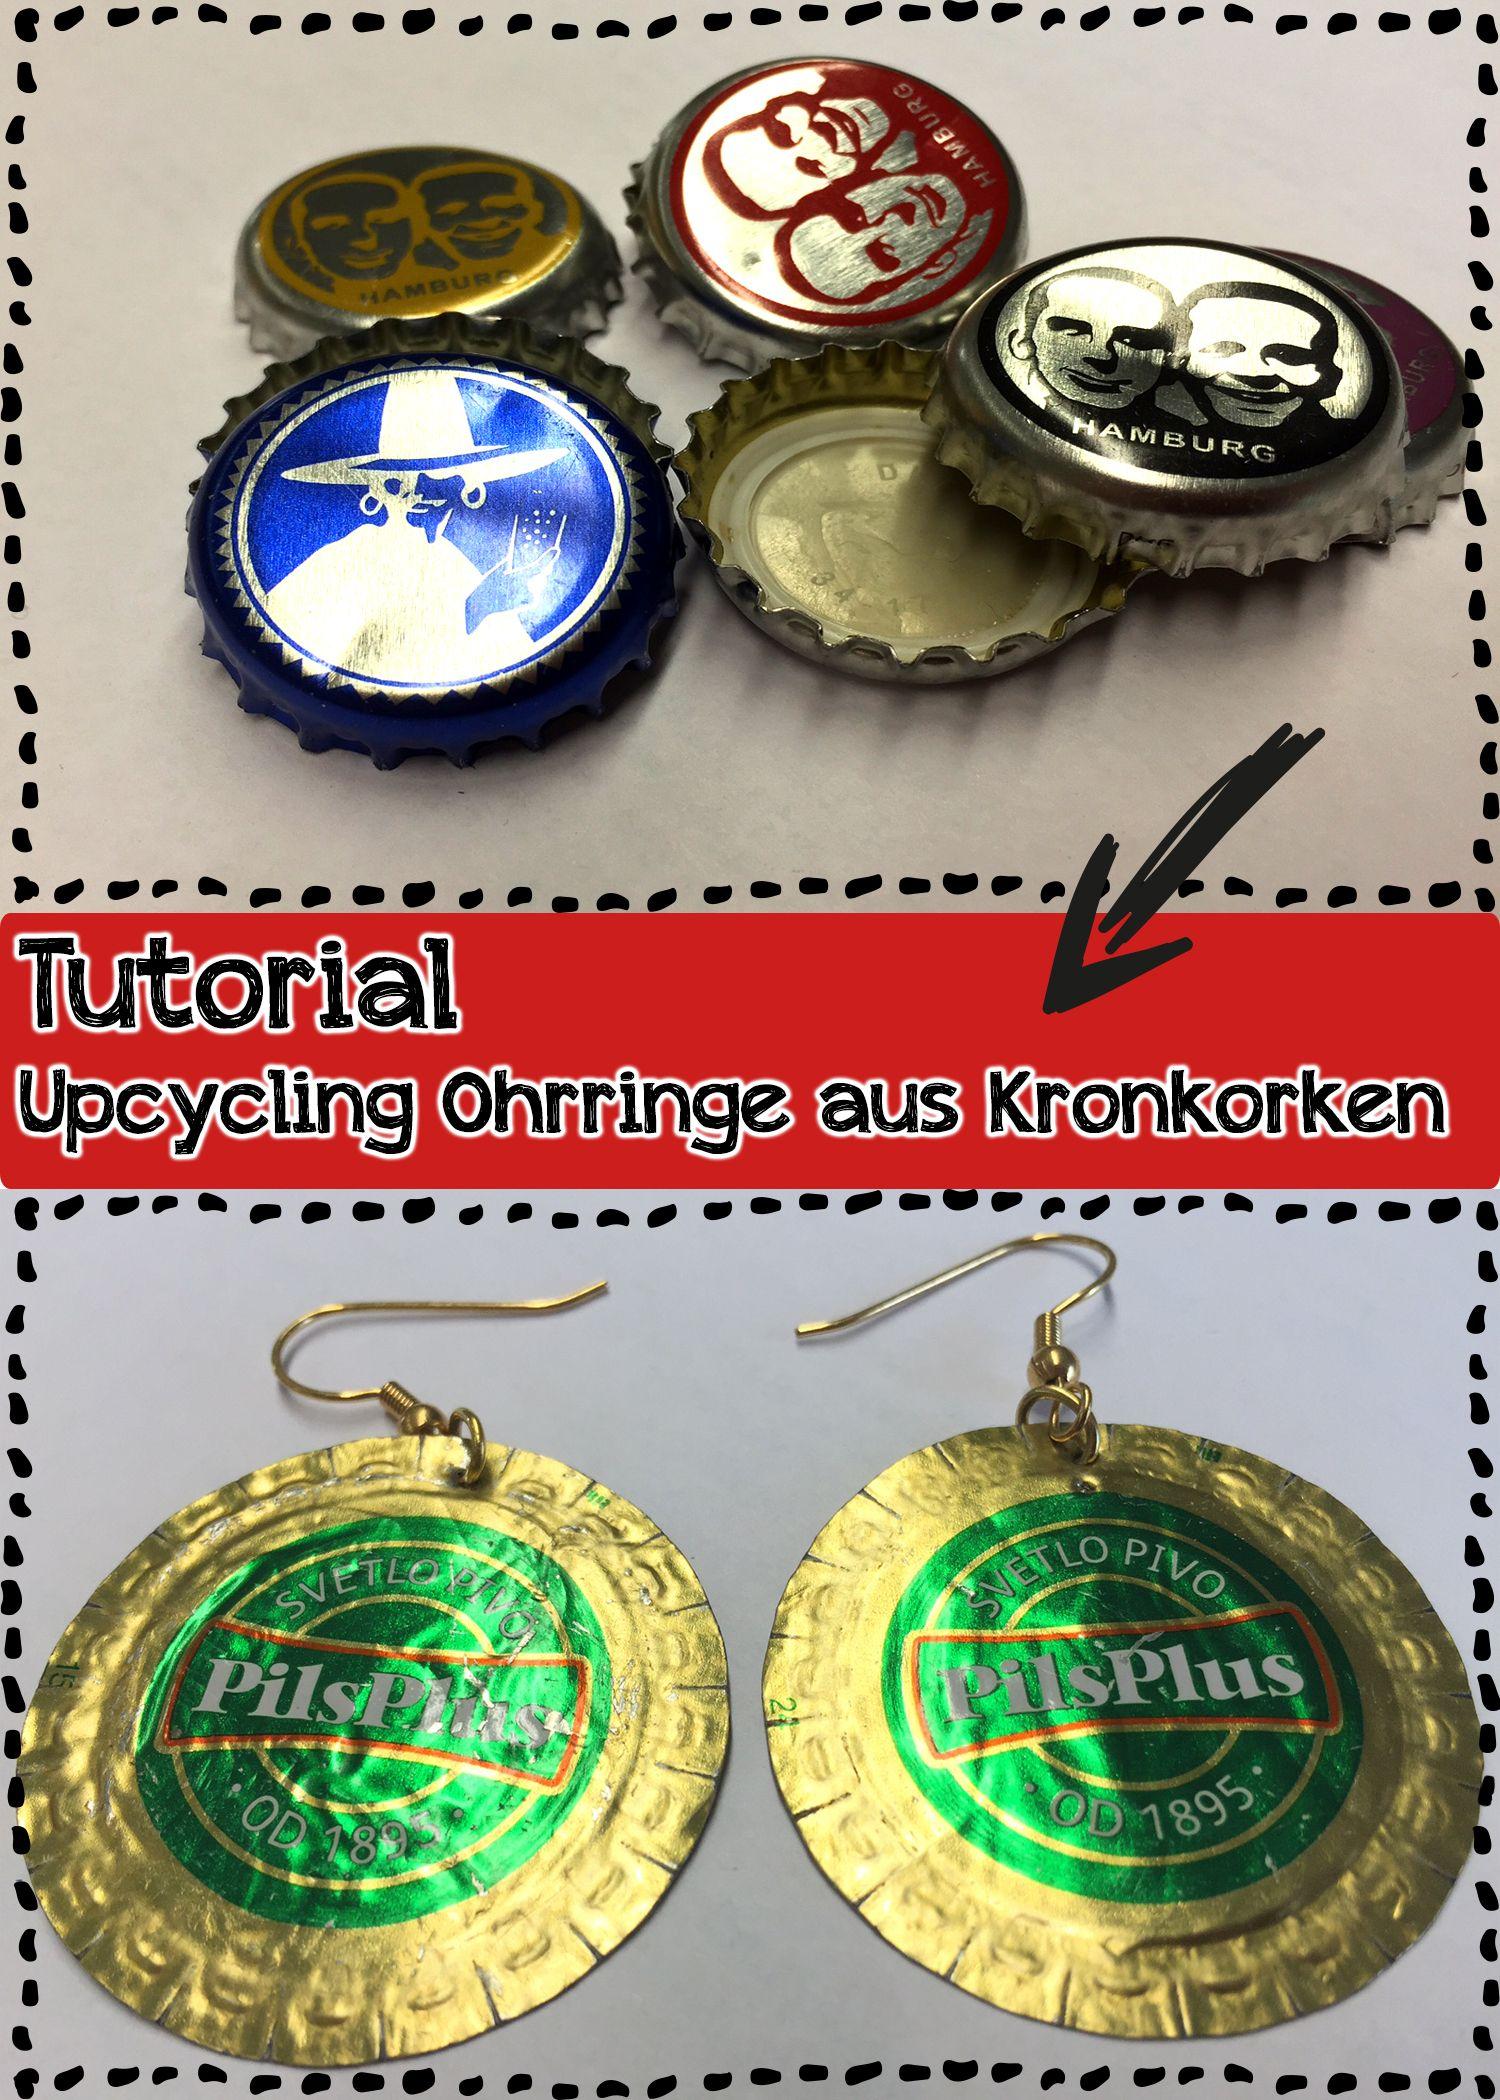 Upcycling Ohrringe aus Kronkorken | Ohrringe basteln, Kronkorken und ...